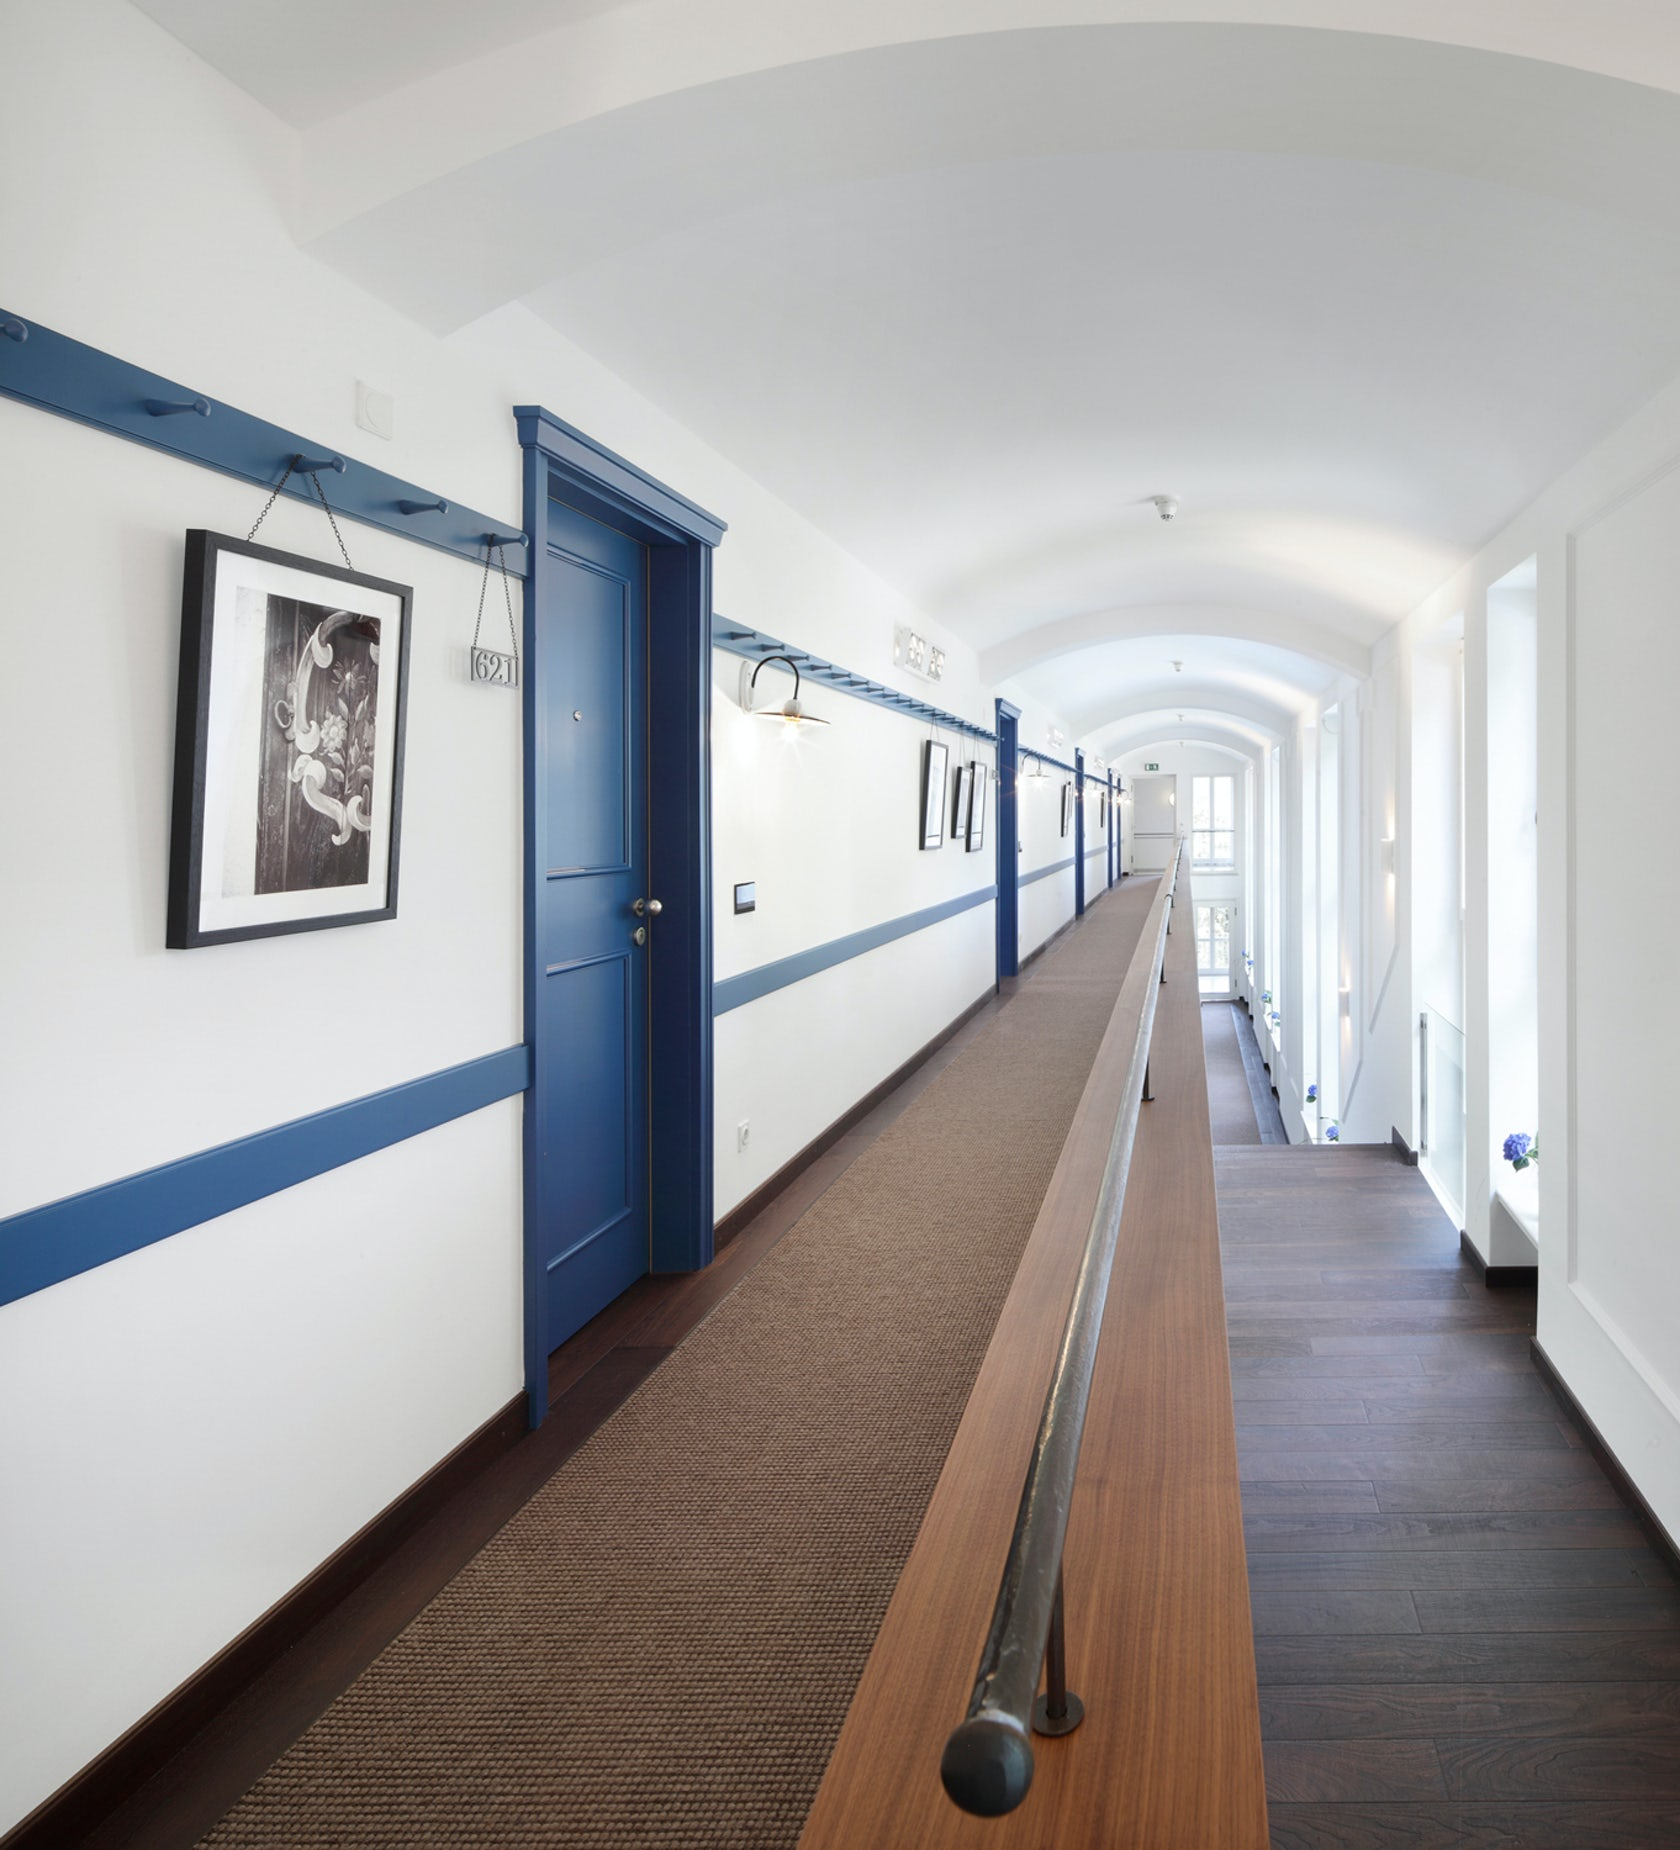 Hotel das tegernsee 2014 architizer for Designhotel tegernsee